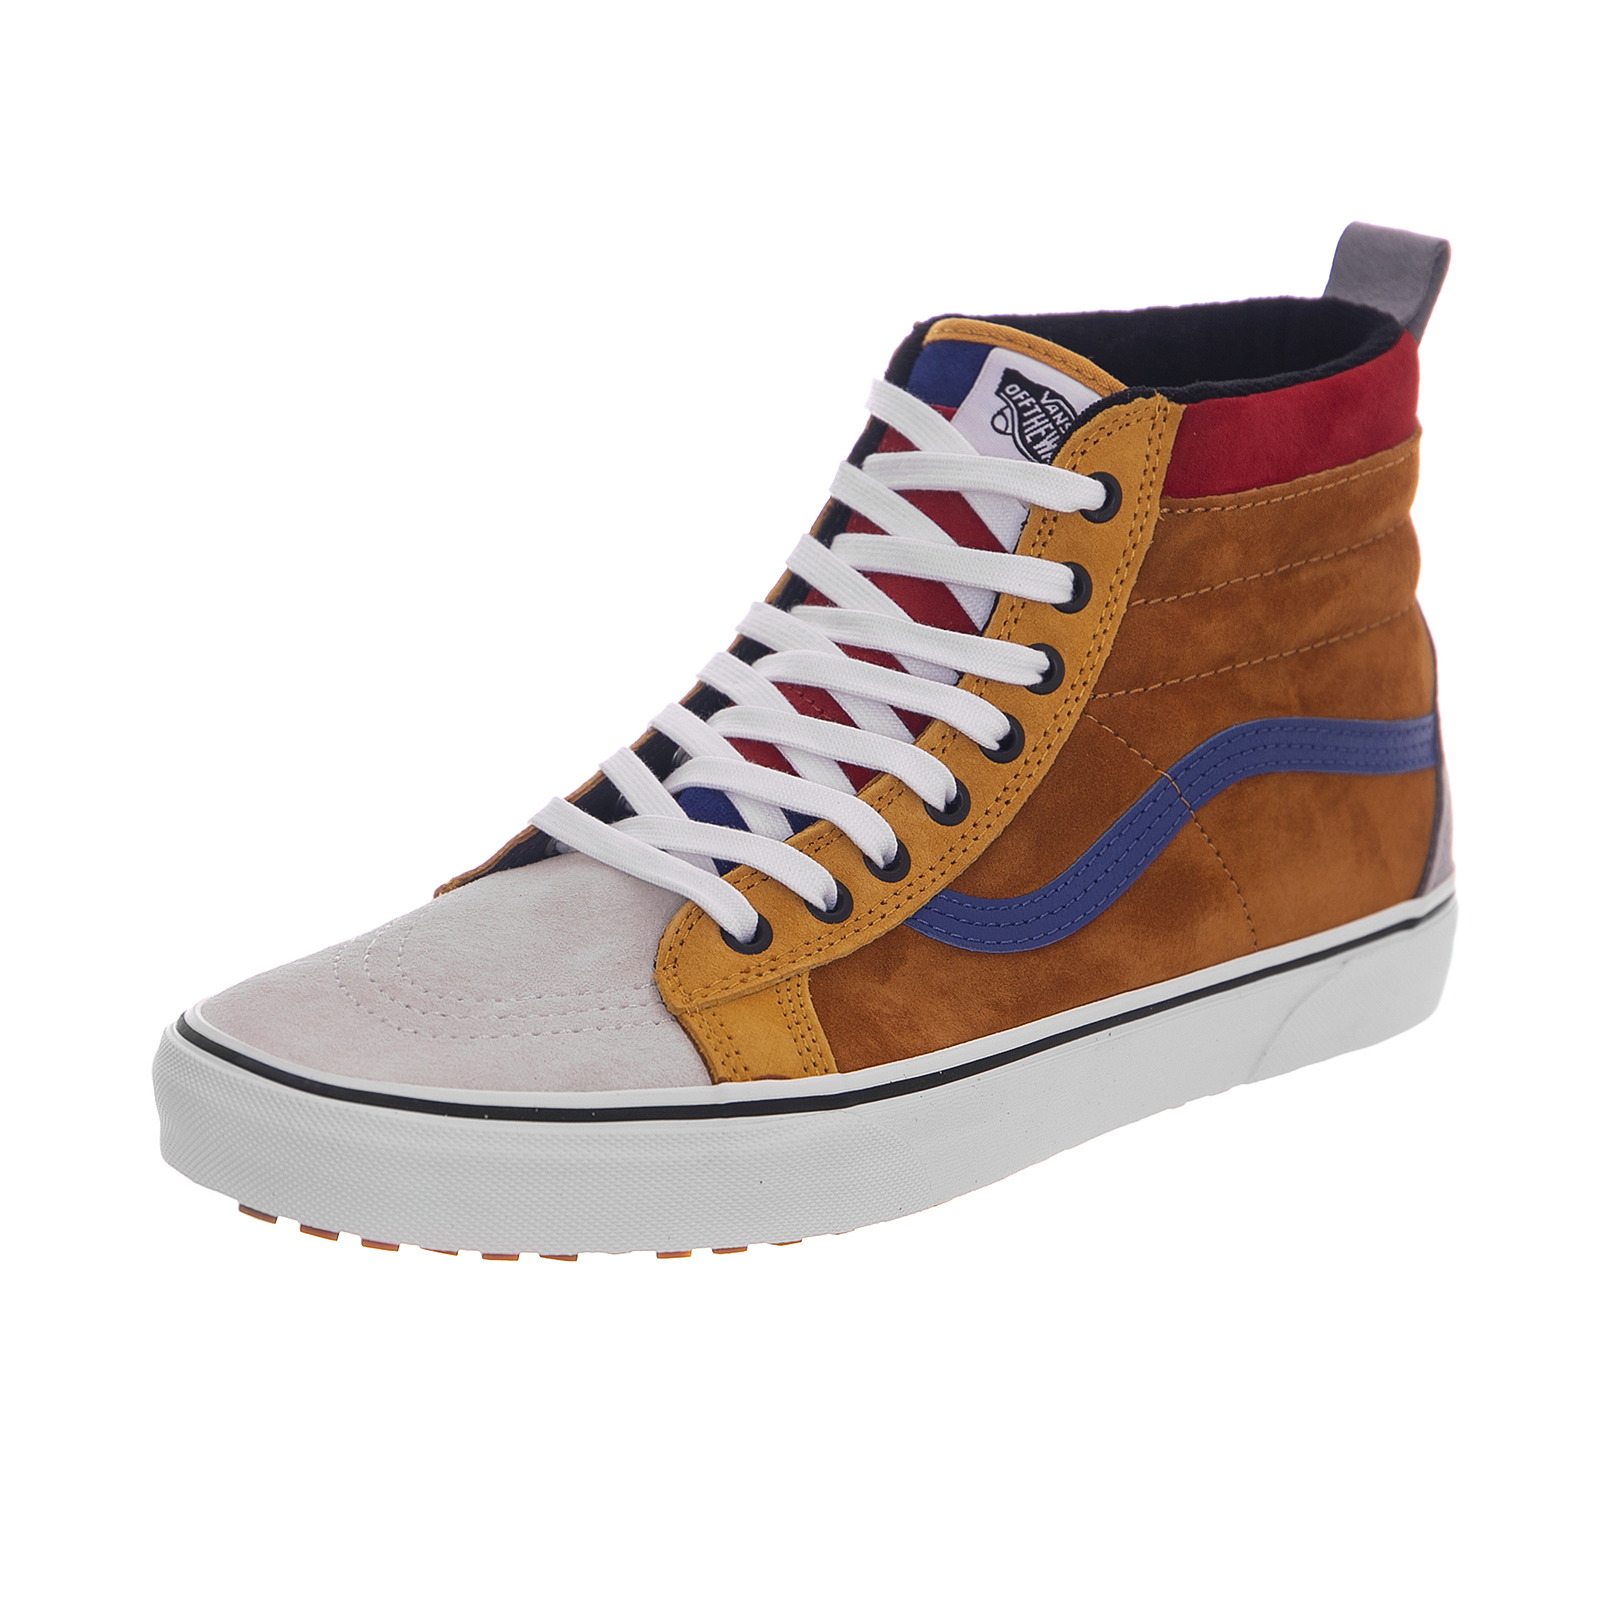 Vans Sneakers U Sk8-Hi Mte (Mte) Sudan Brown Mazarine Blue Multicolor 07d6c6451